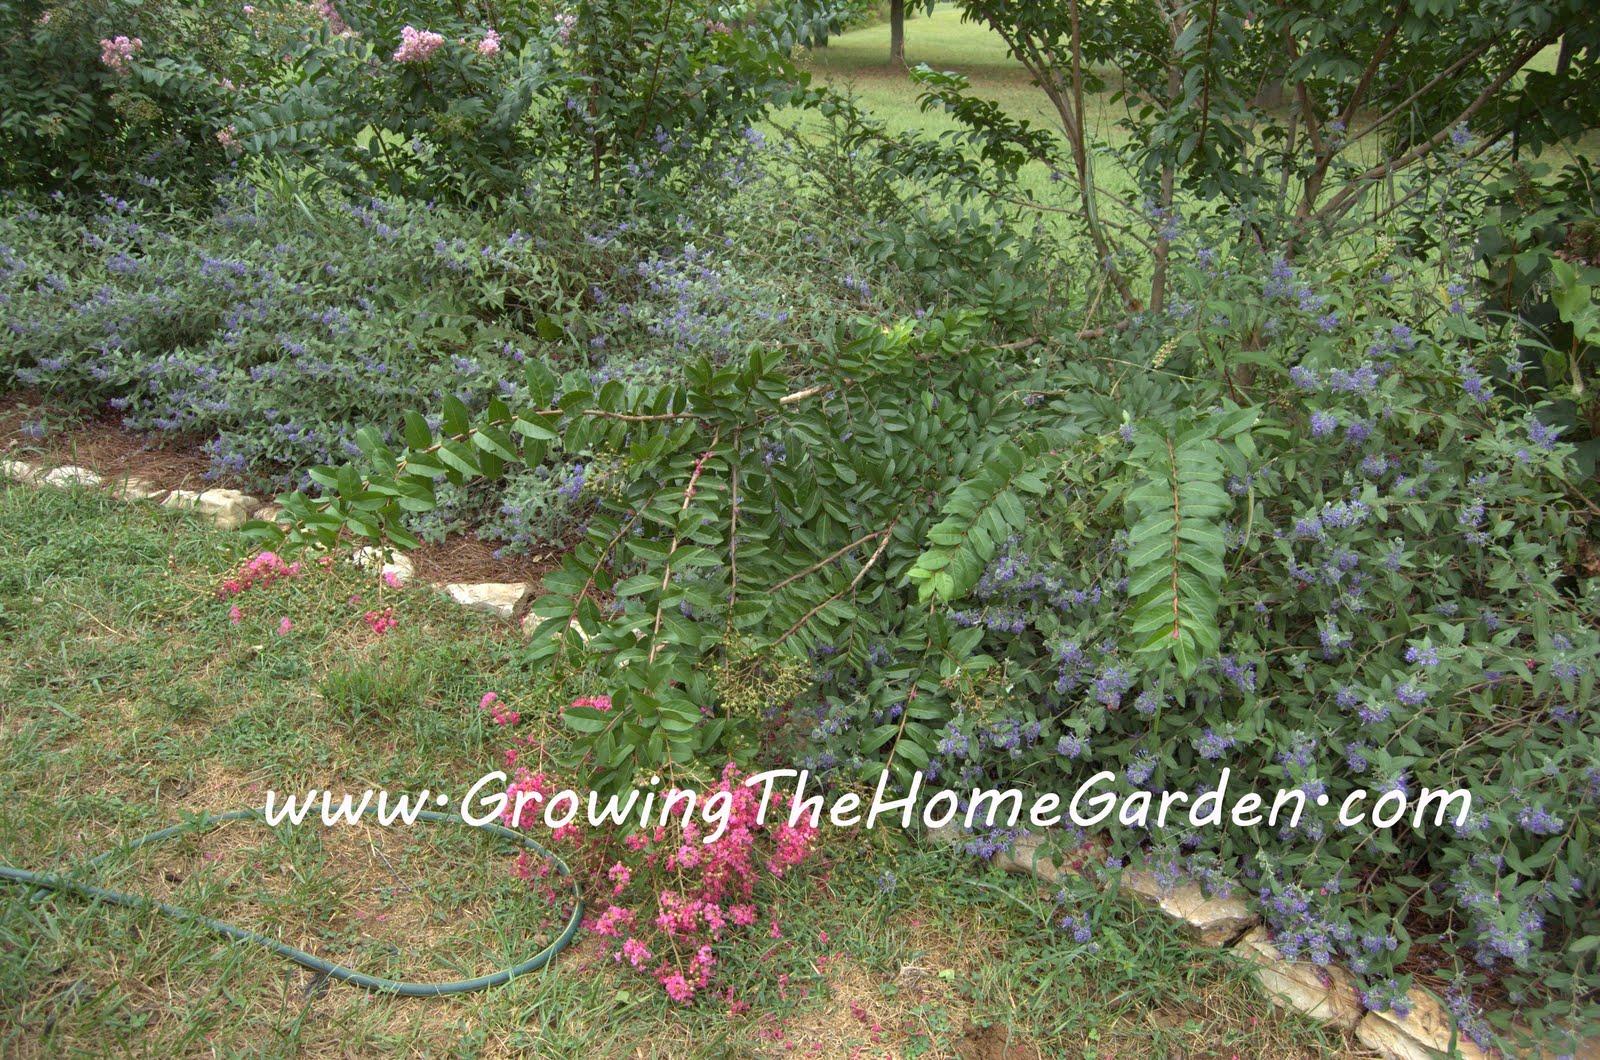 Bad Breaks - Growing The Home Garden